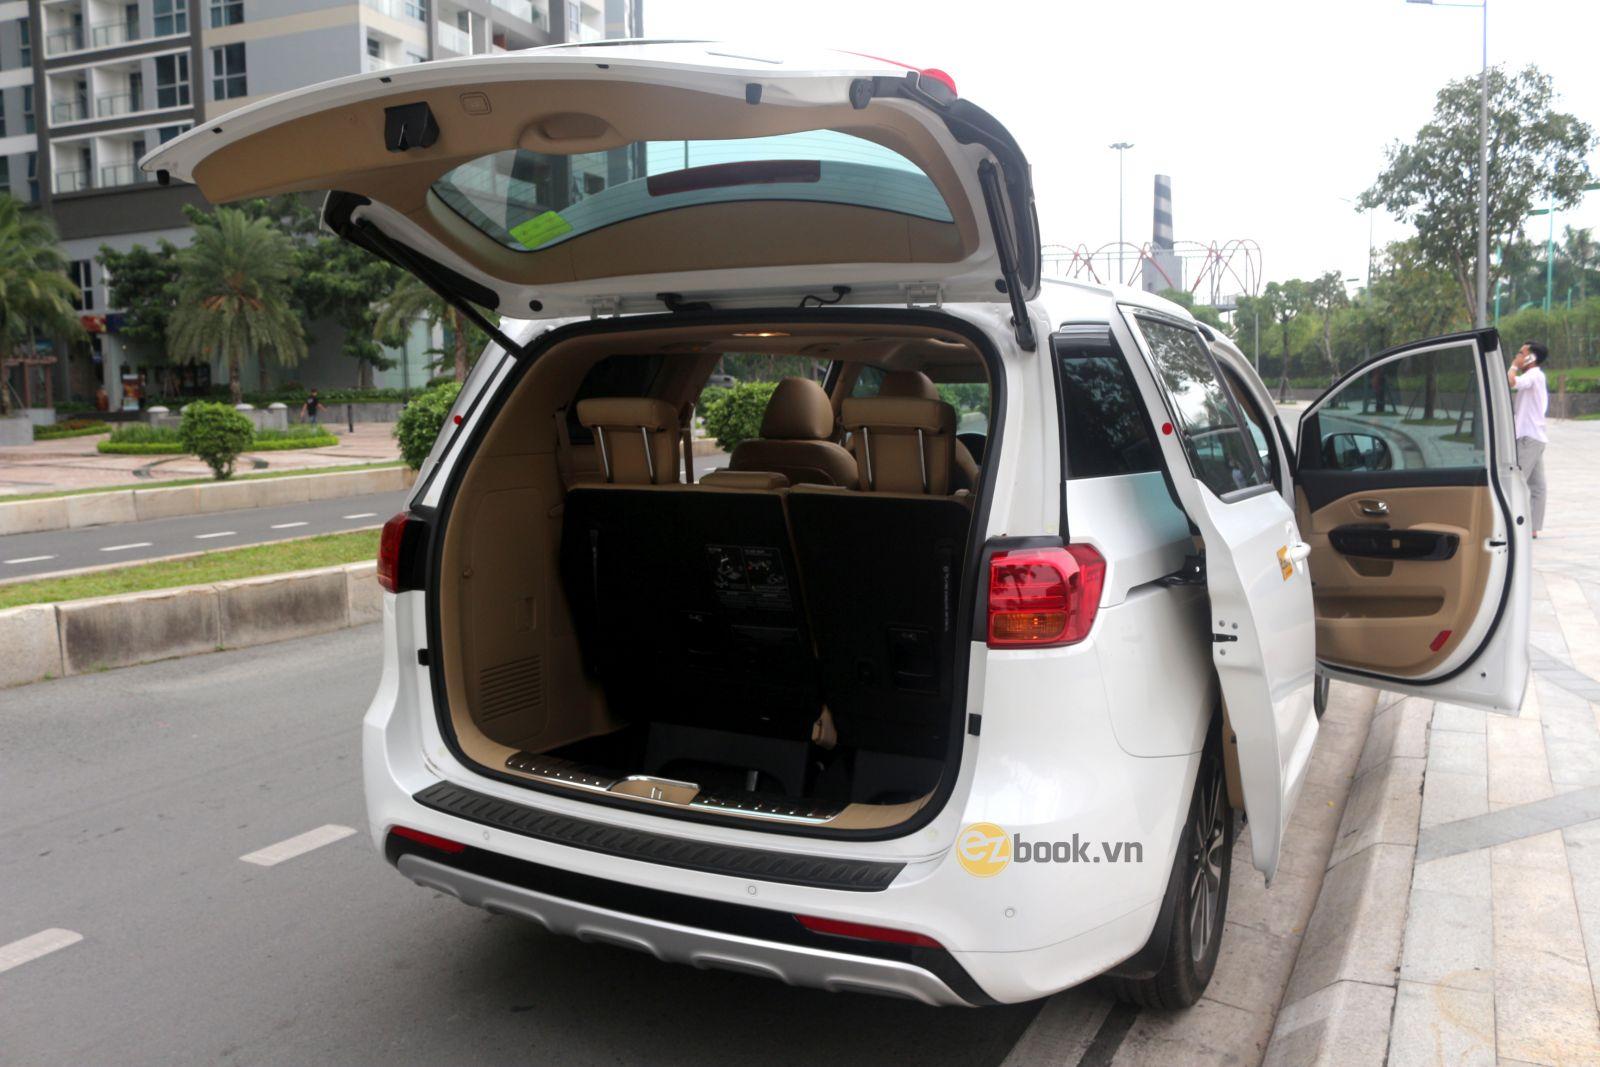 Xe 7 chỗ dành cho du lịch có cabin rộng chứa hành lý